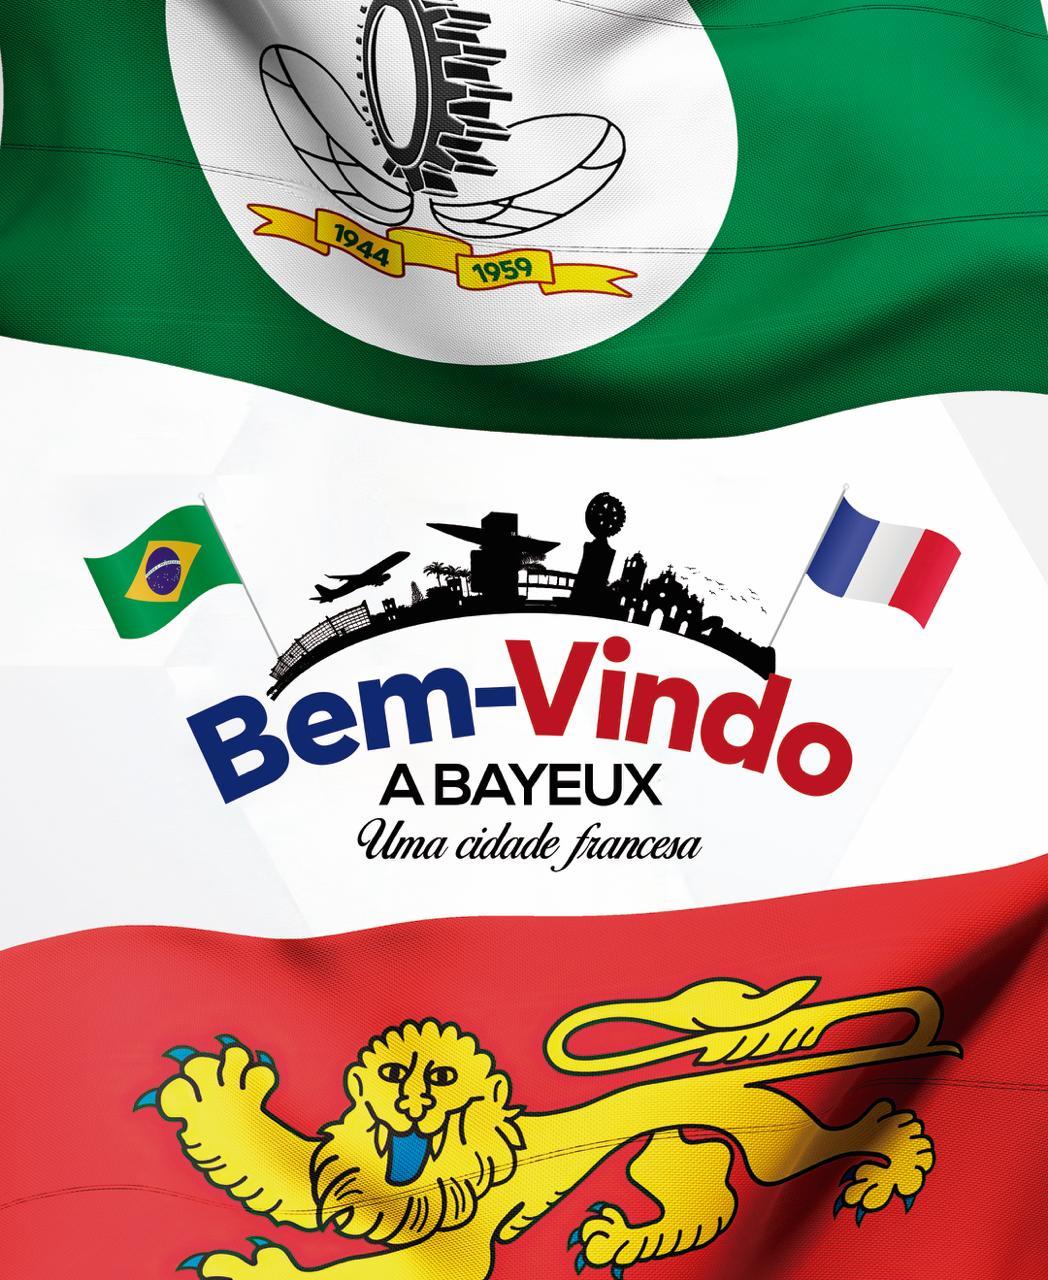 WhatsApp Image 2021 07 13 at 14.49.00 - Prefeitura de Bayeux recebe cônsul da França e o município pode se tornar cidade gemelar francesa